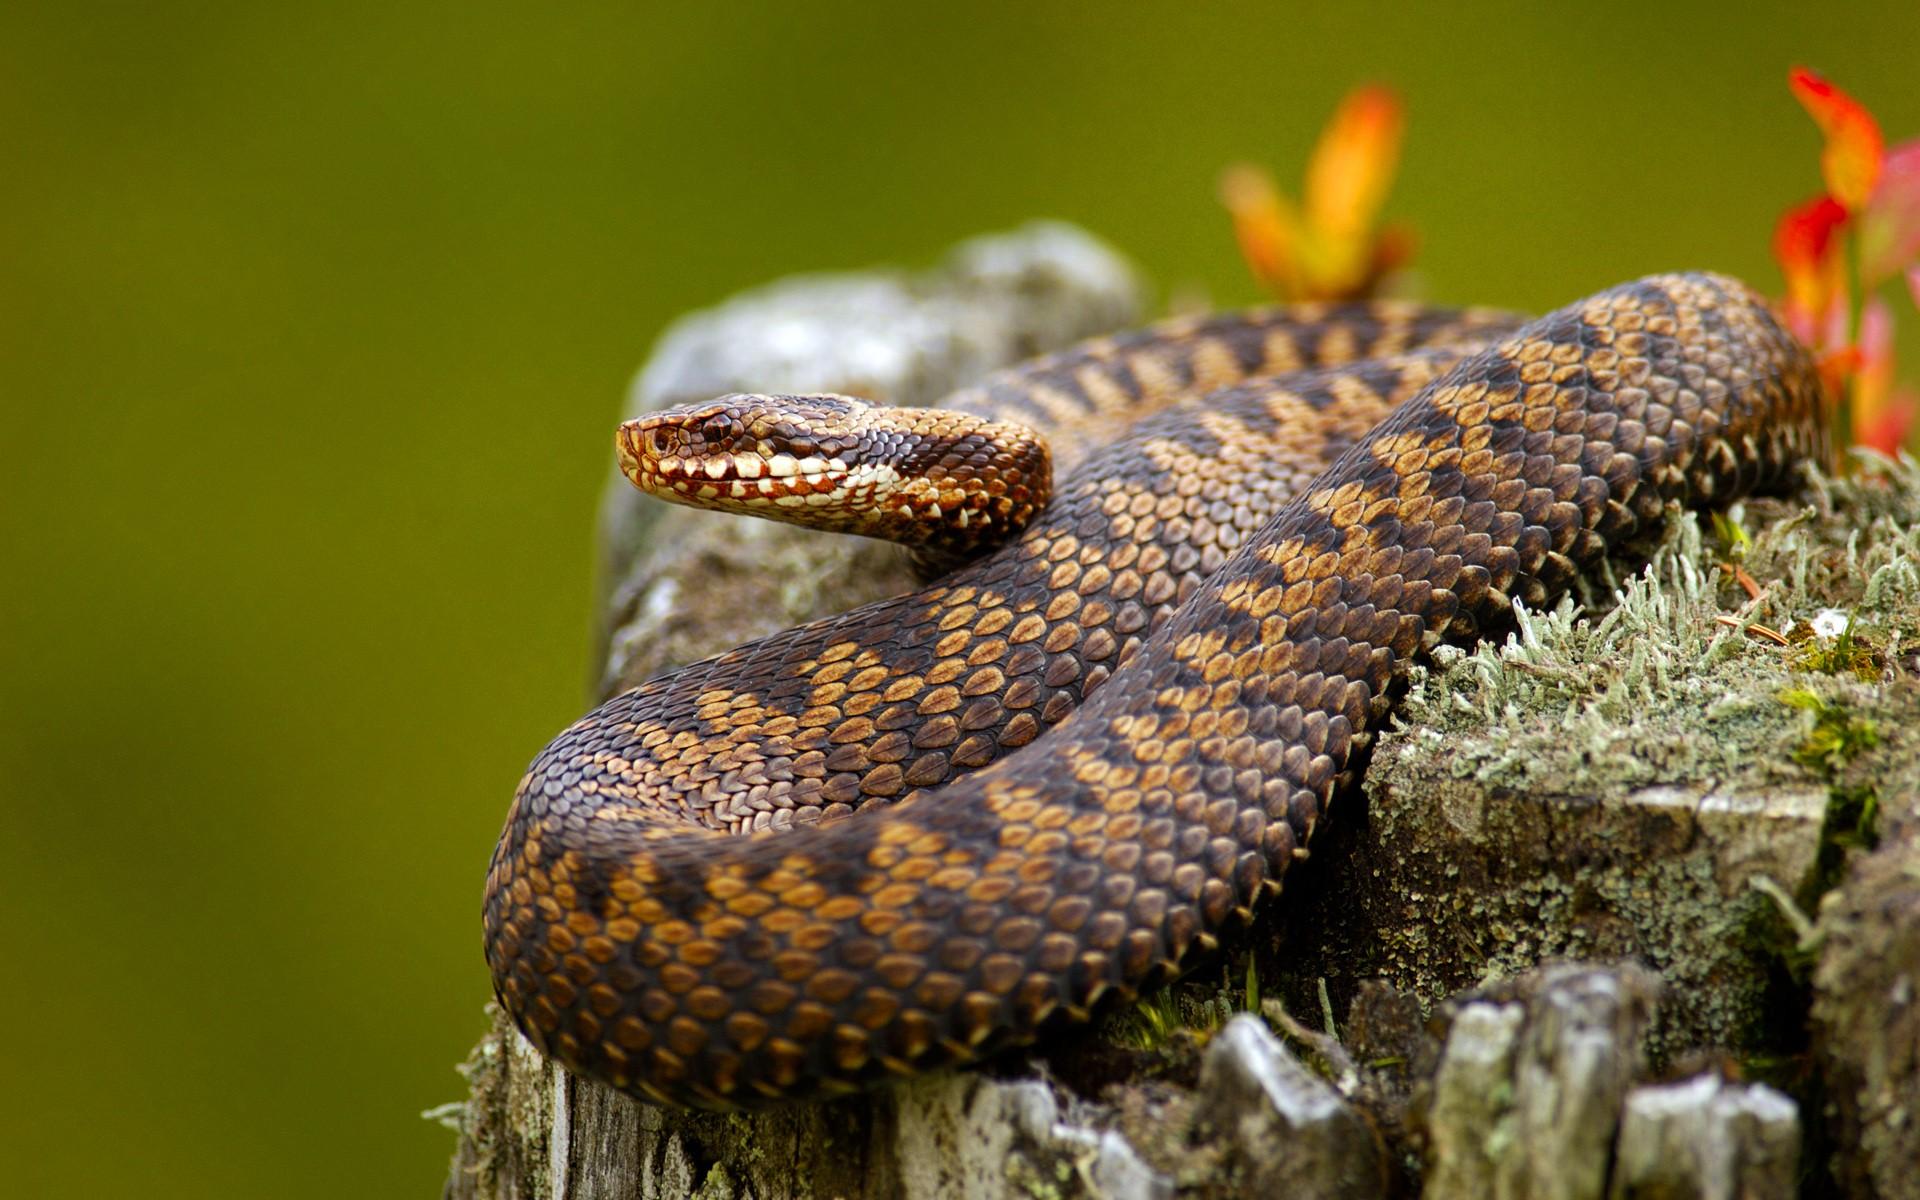 Serpientes venenosas - 1920x1200